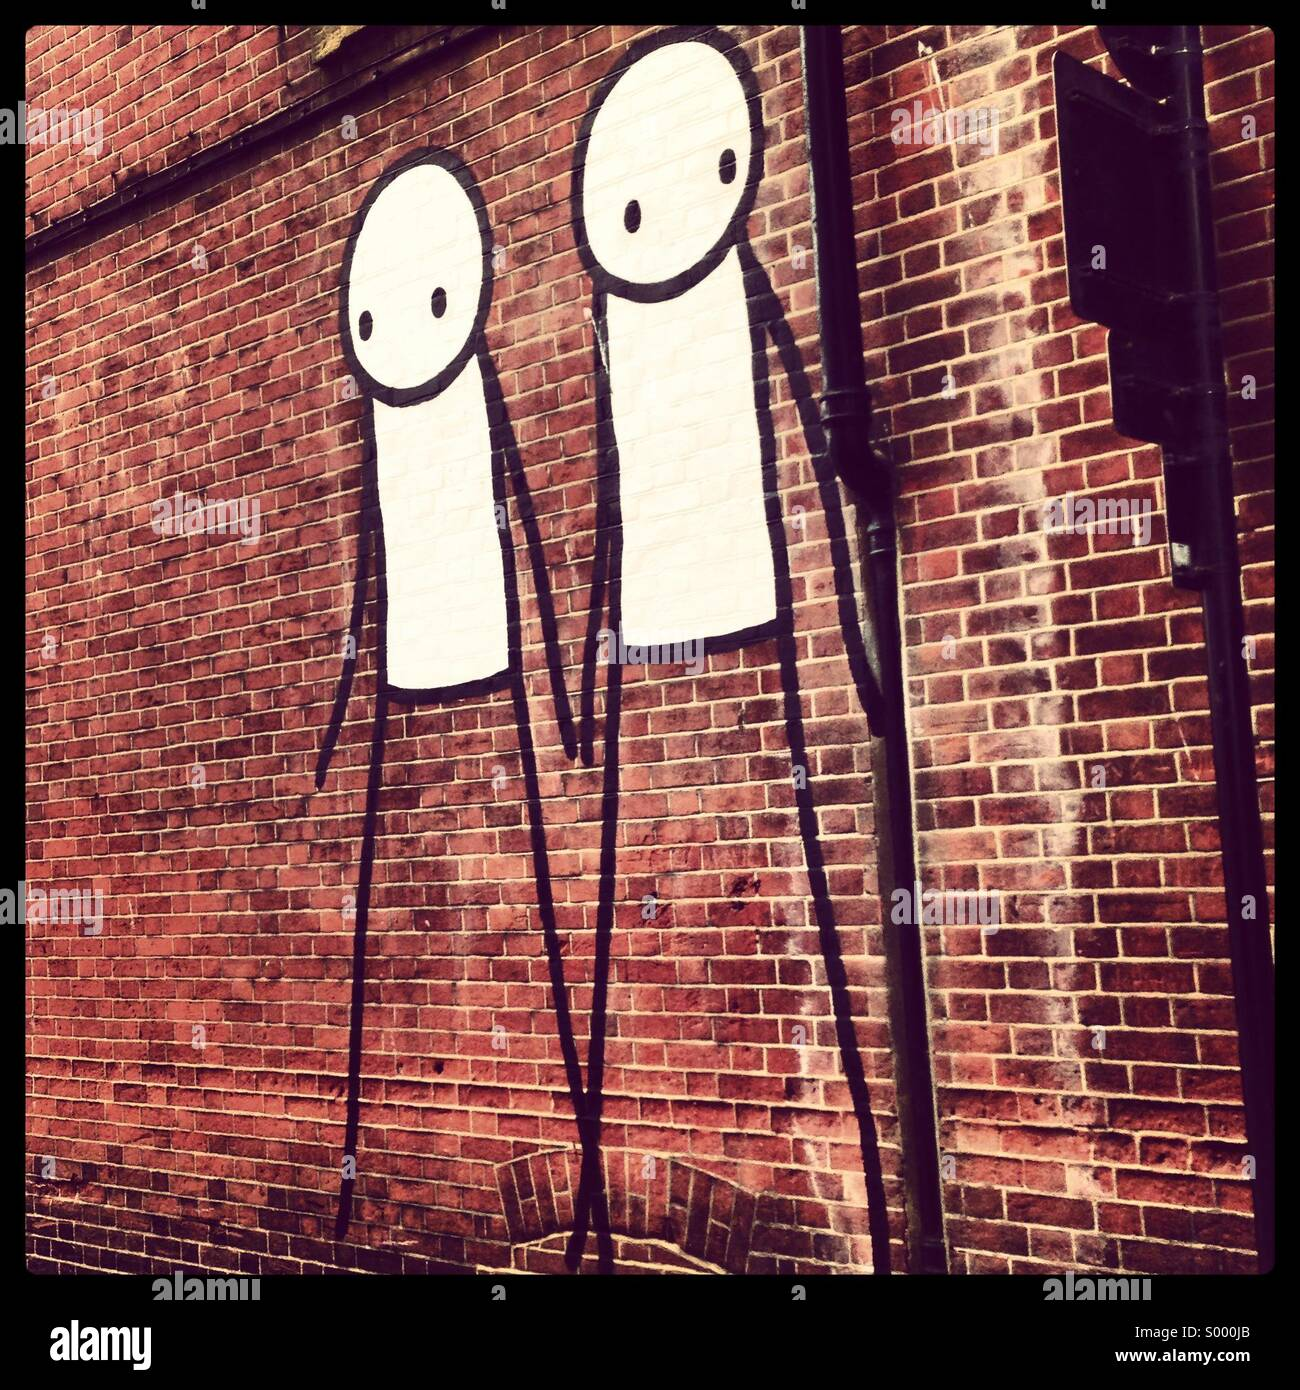 Graffiti, Chichester, UK Imagen De Stock